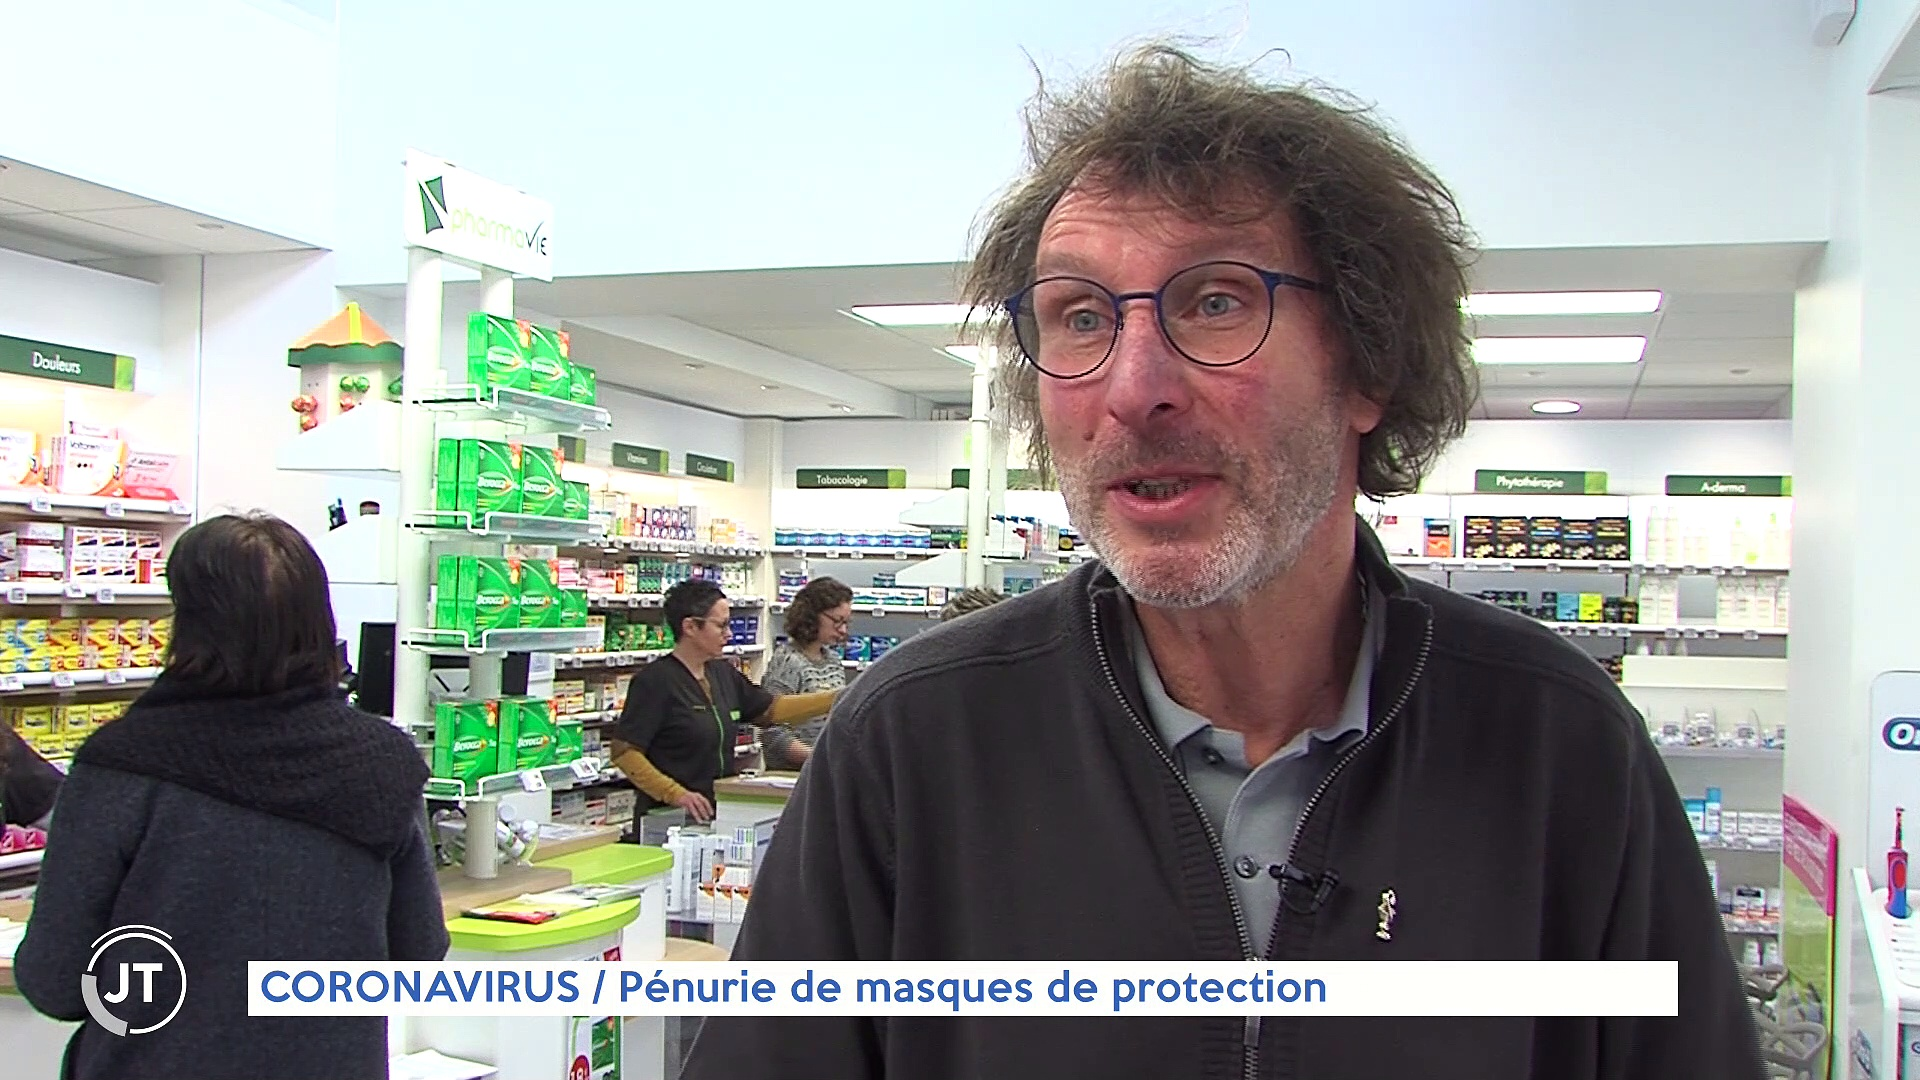 Le journal – 25/02/2020 – CORONAVIRUS SIx patients examinés pour des symptômes suspects au CHU